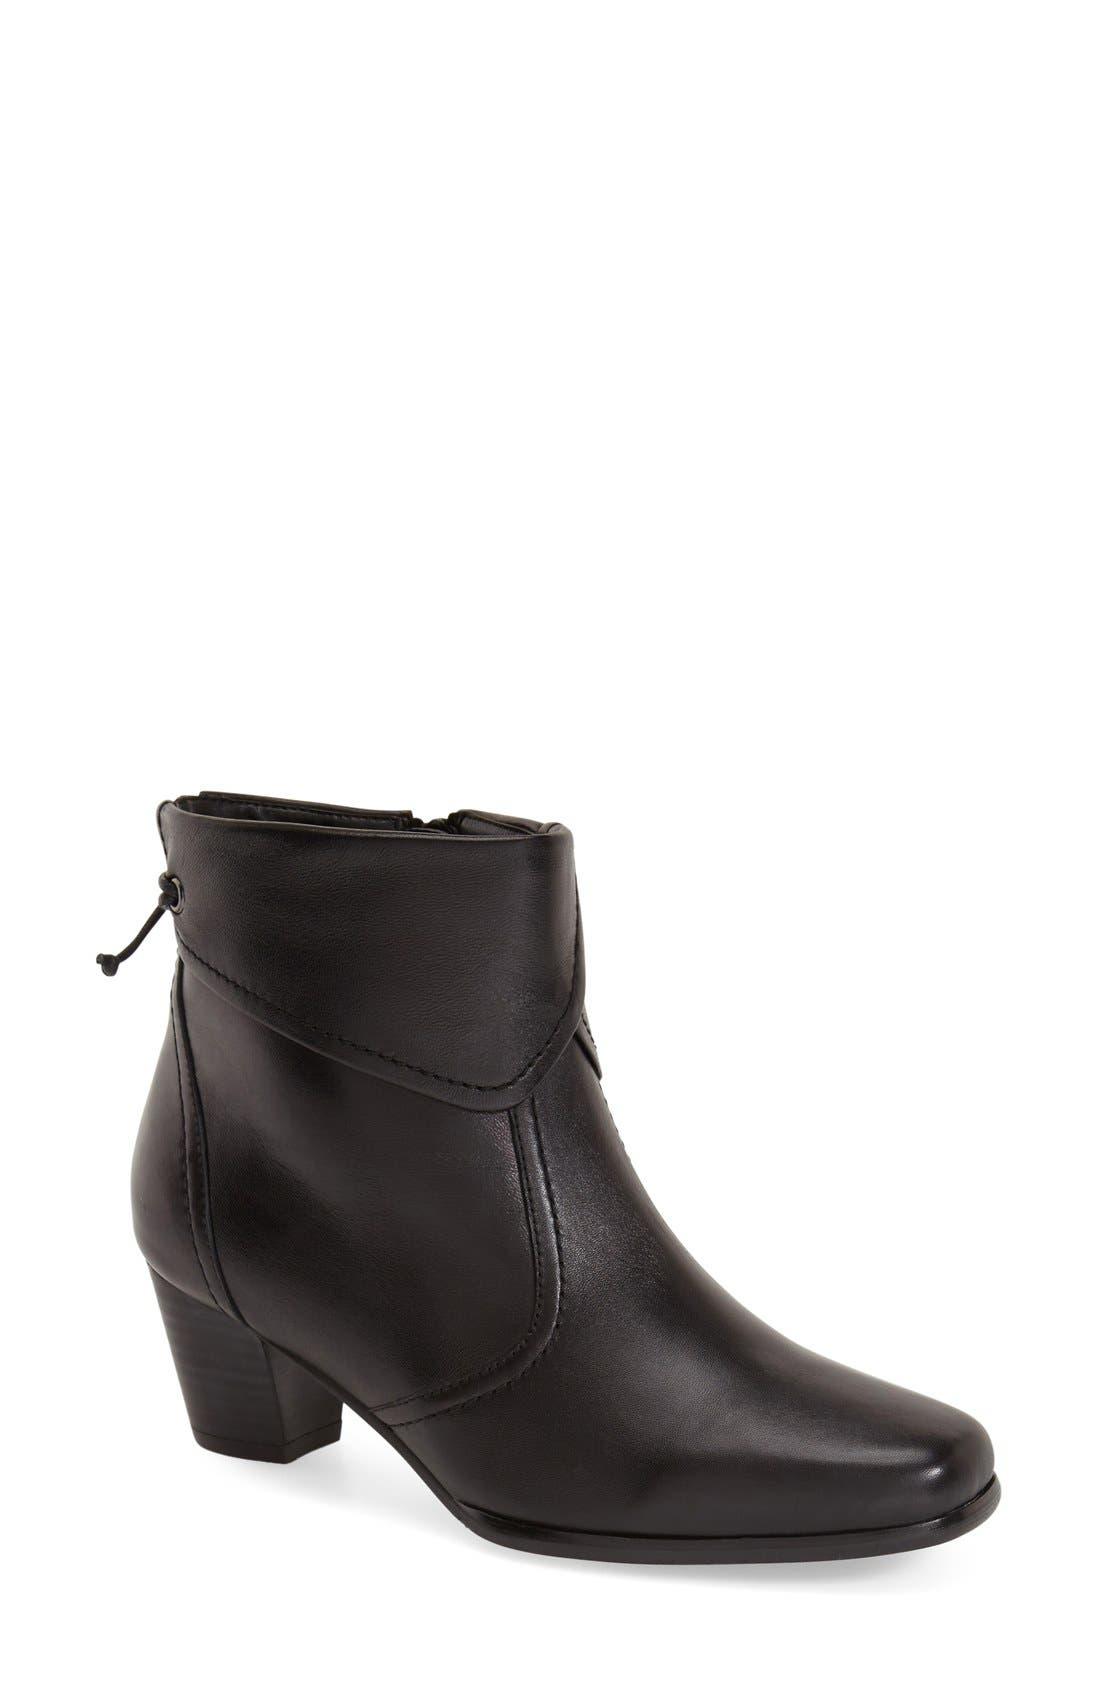 DAVID TATE 'Hilda' Boot